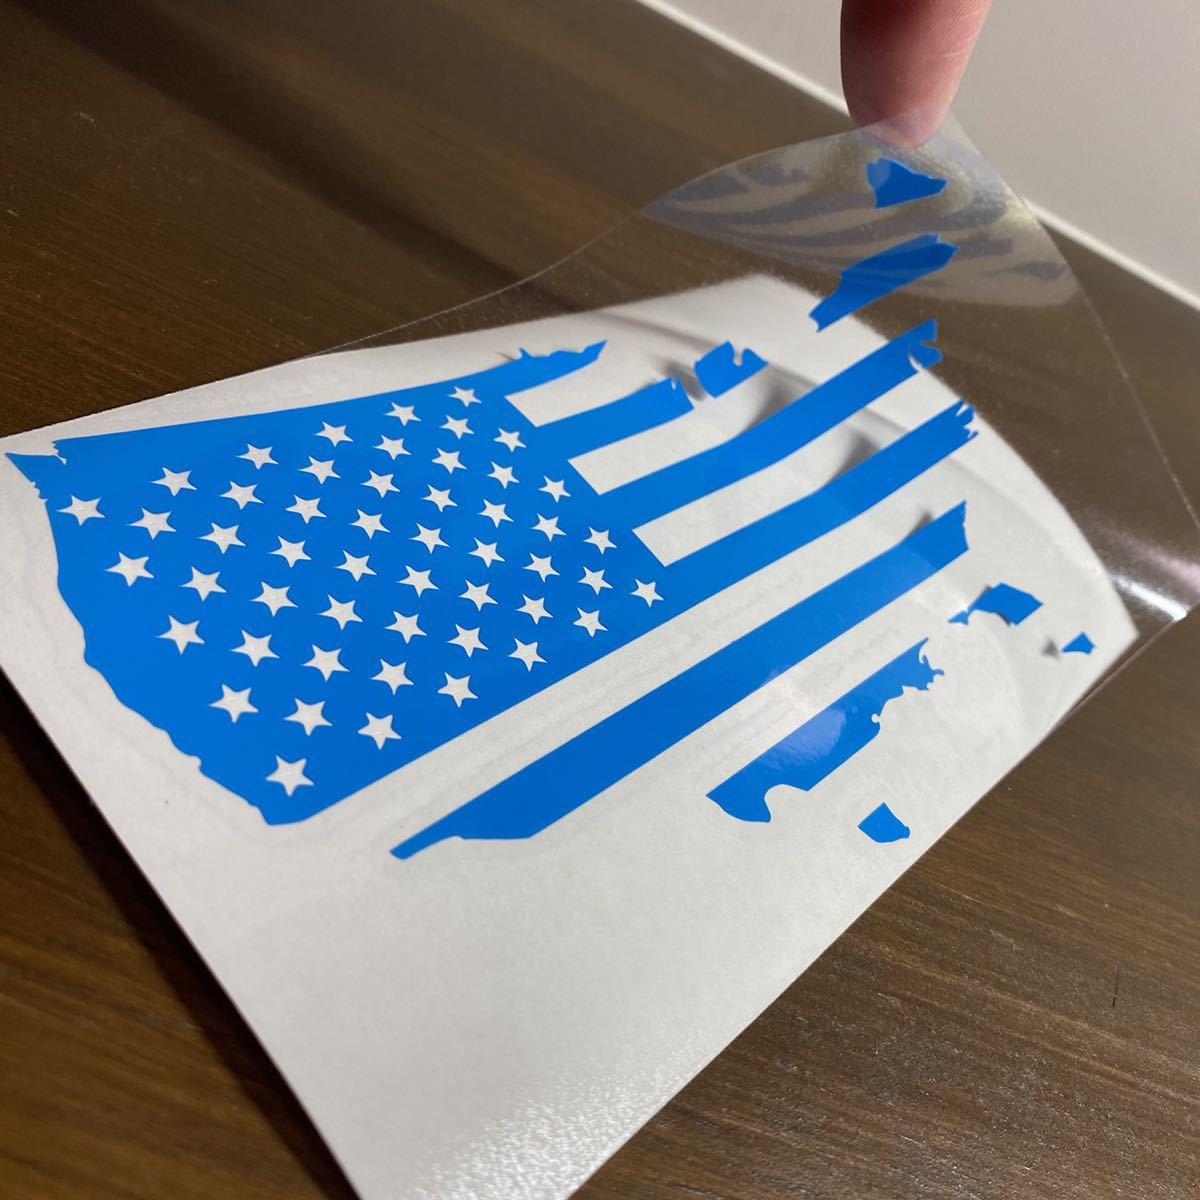 アメリカ 国旗 シルエット ステッカー_画像2